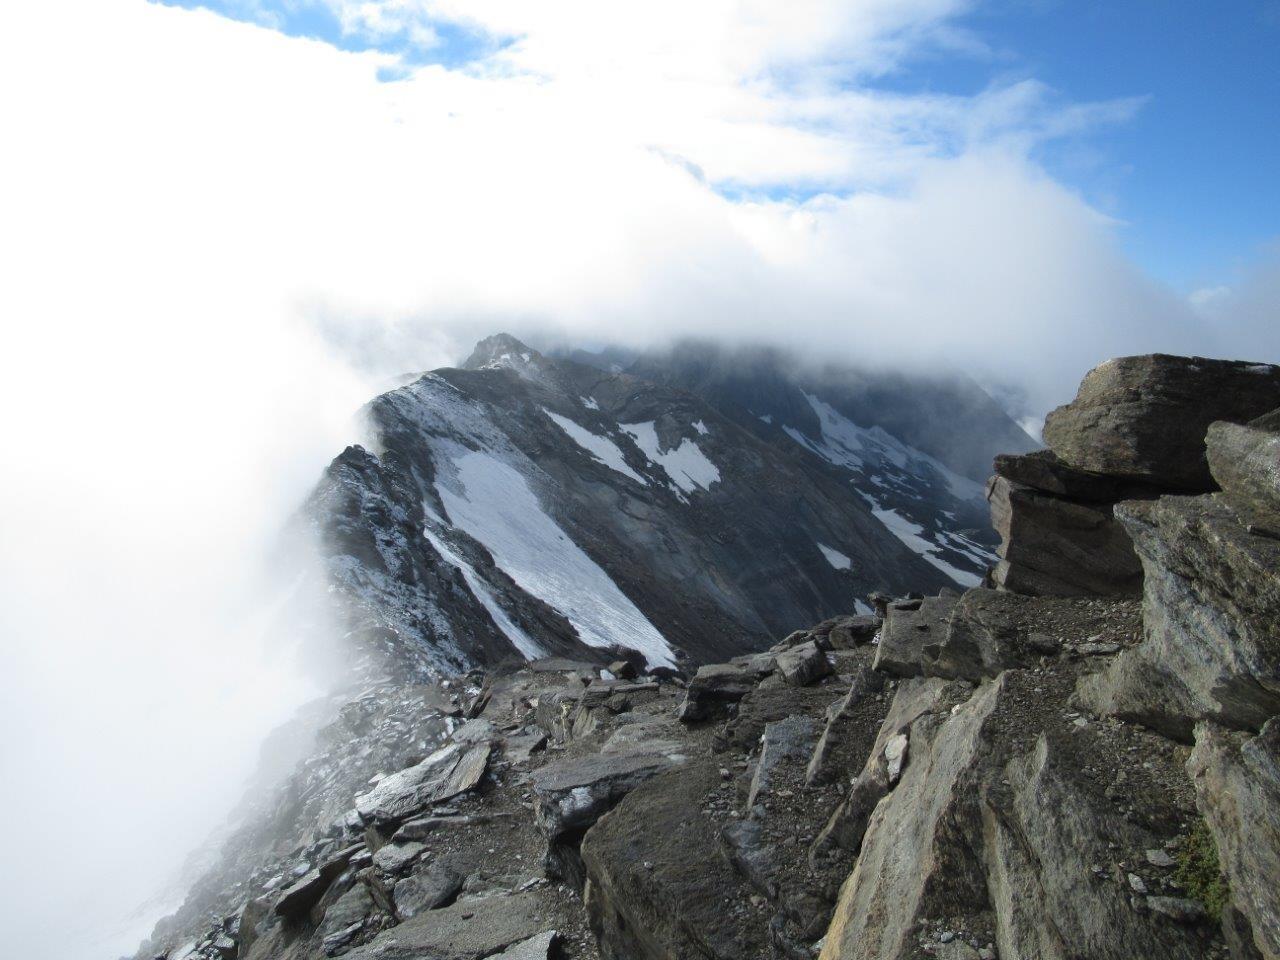 uno sguardo sulla cresta mentre scendevamo e uno squarcio delle nuvole ci consente di vedere